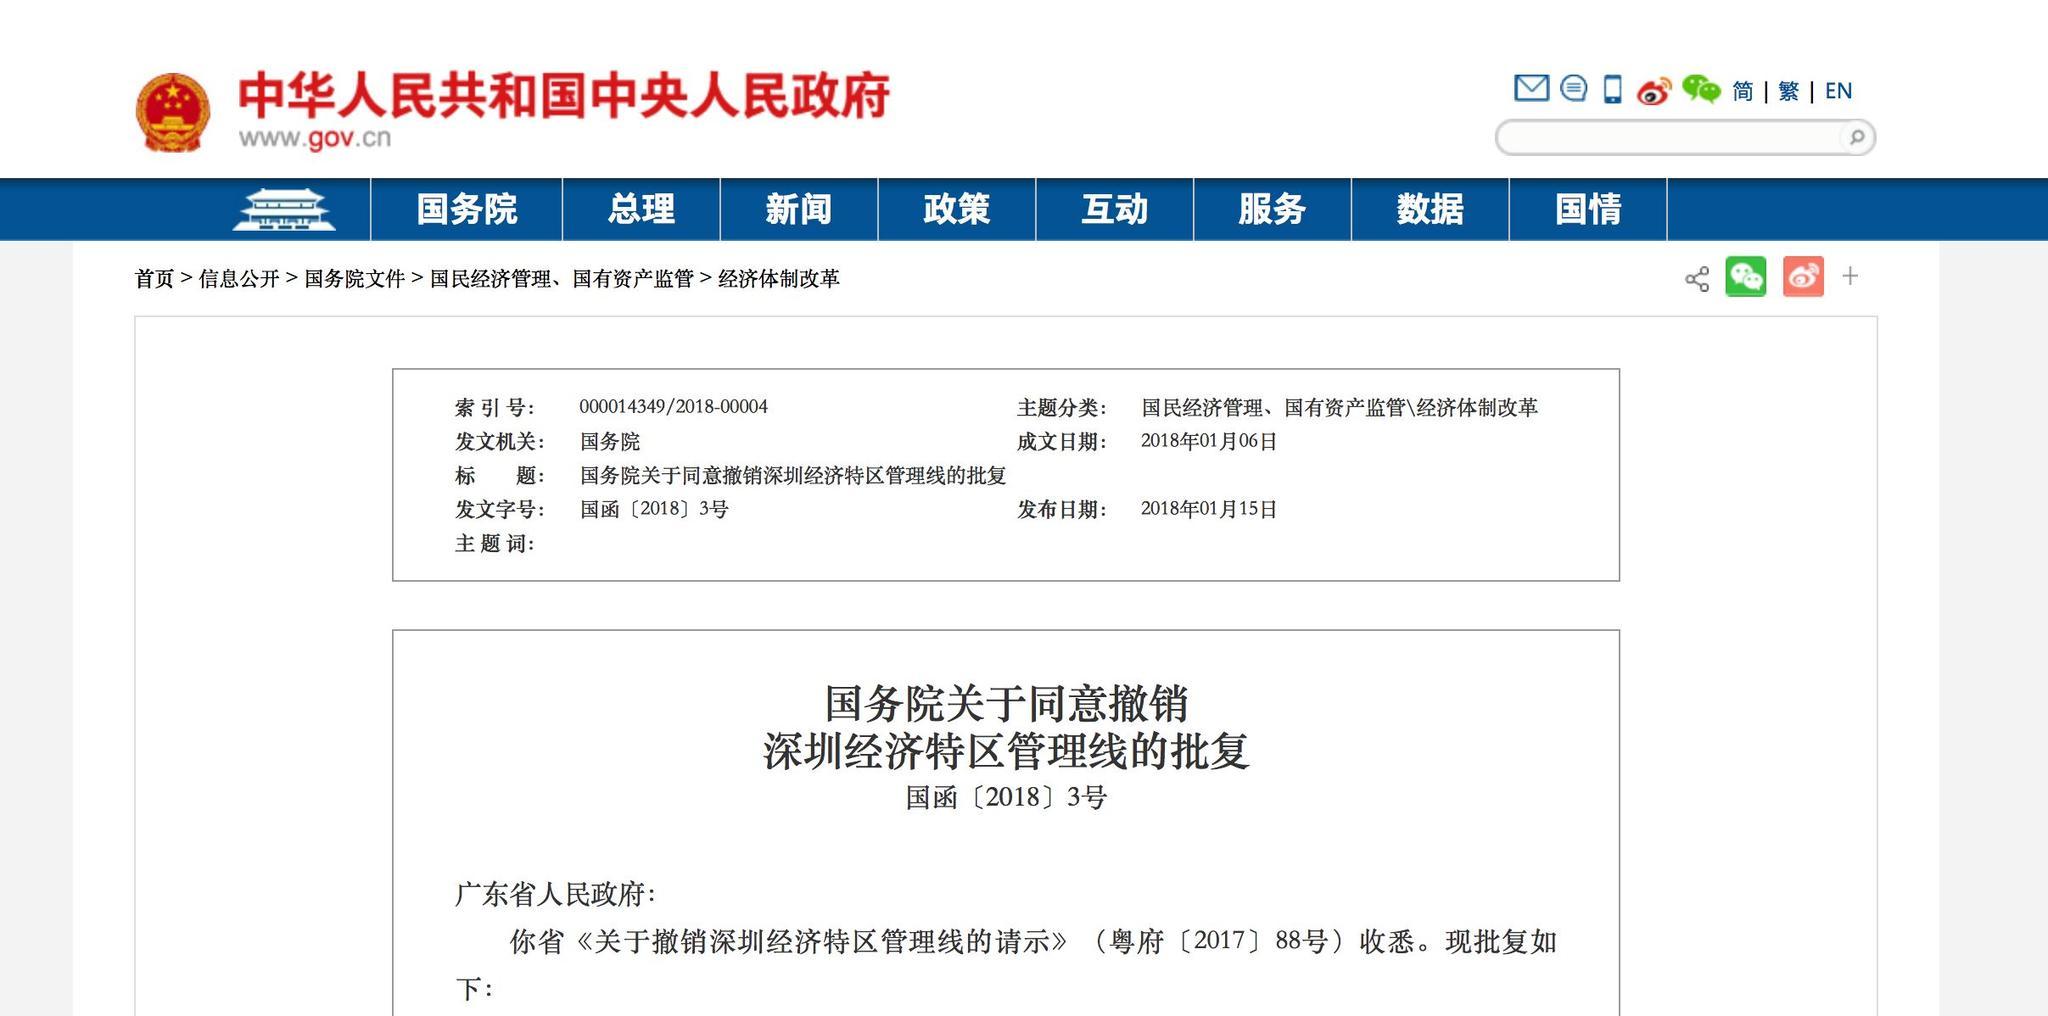 被国务院撤销的深圳经济特区管理线什么来历?